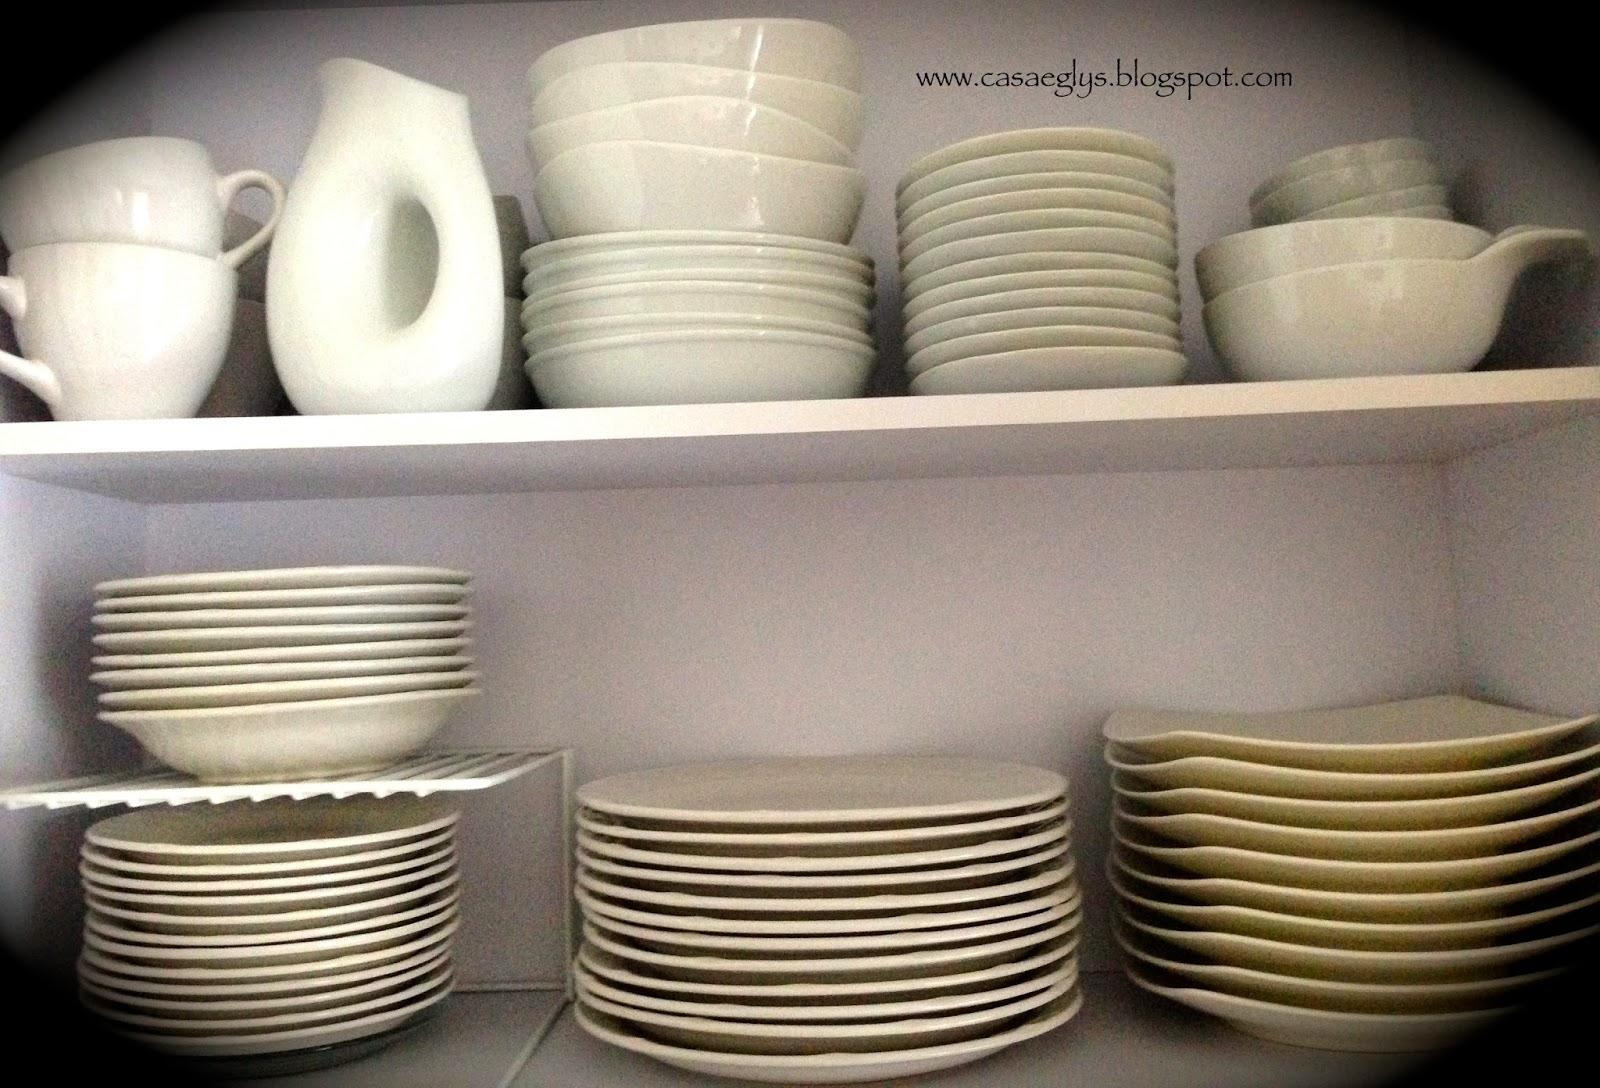 Casa eglys tips de organizaci n cocina - Muebles para vajillas ...